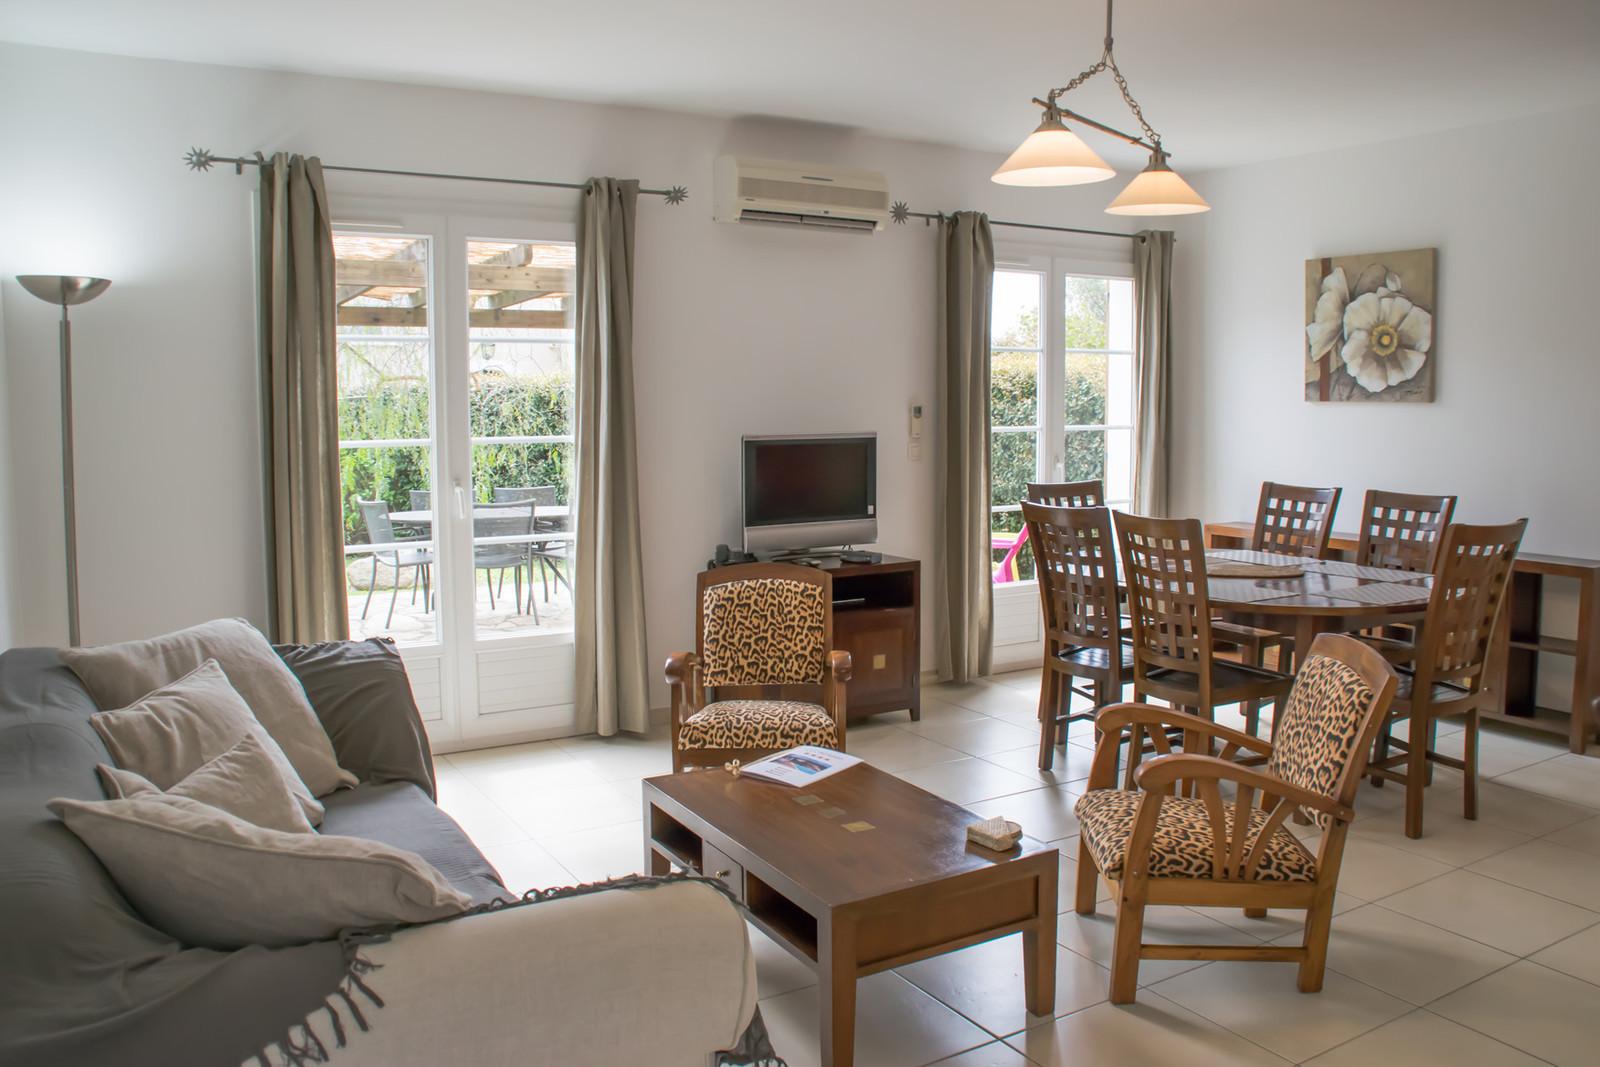 La Credenza Caselle : Villa t a persone e caselle